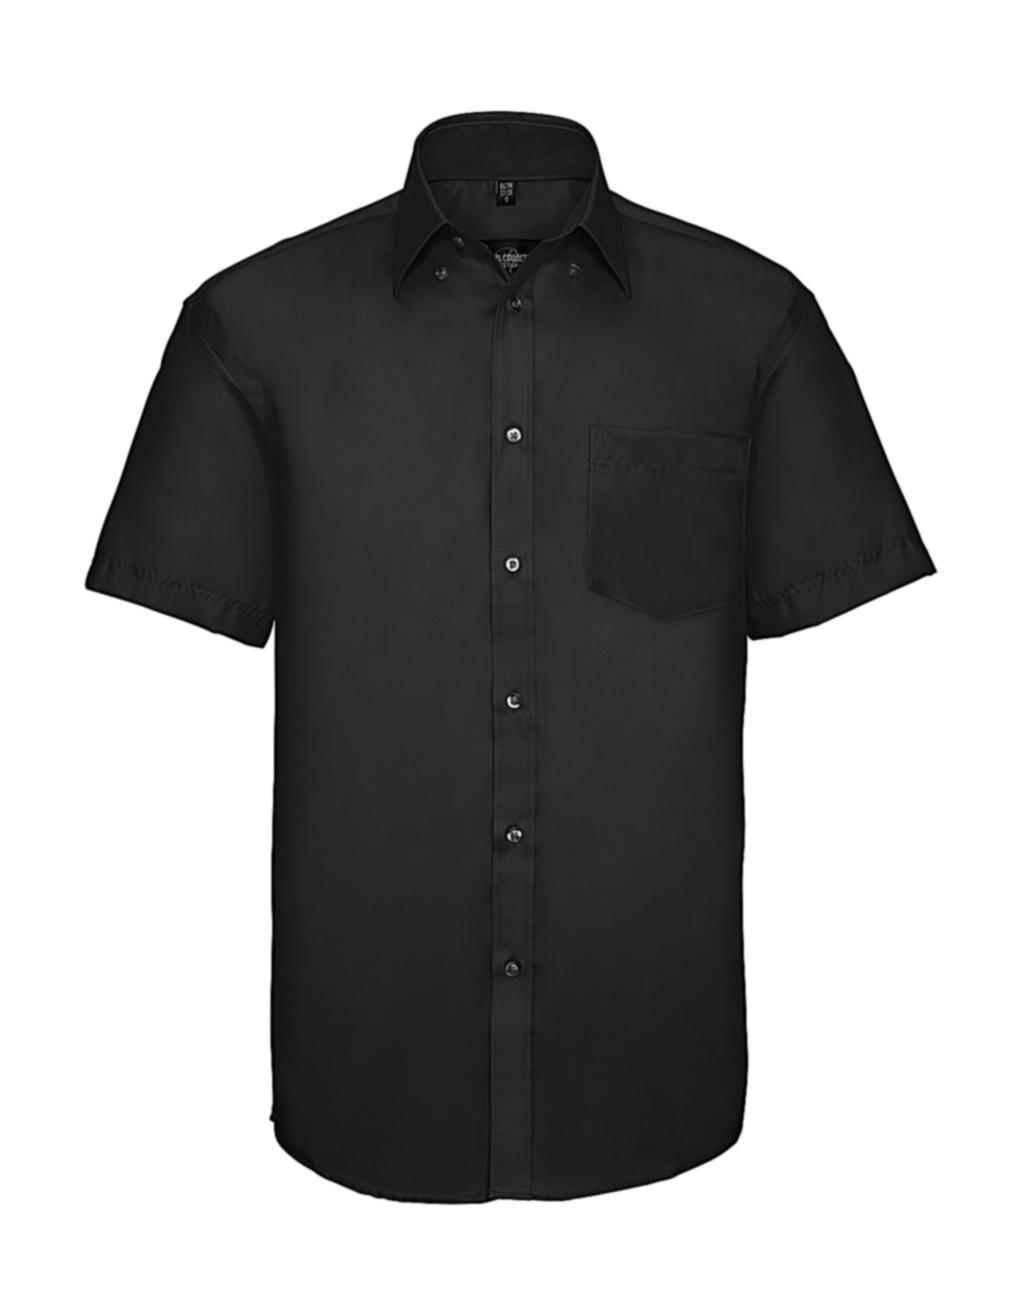 Pánská košile Ultimate Non-iron s krátkým rukávem - zvìtšit obrázek